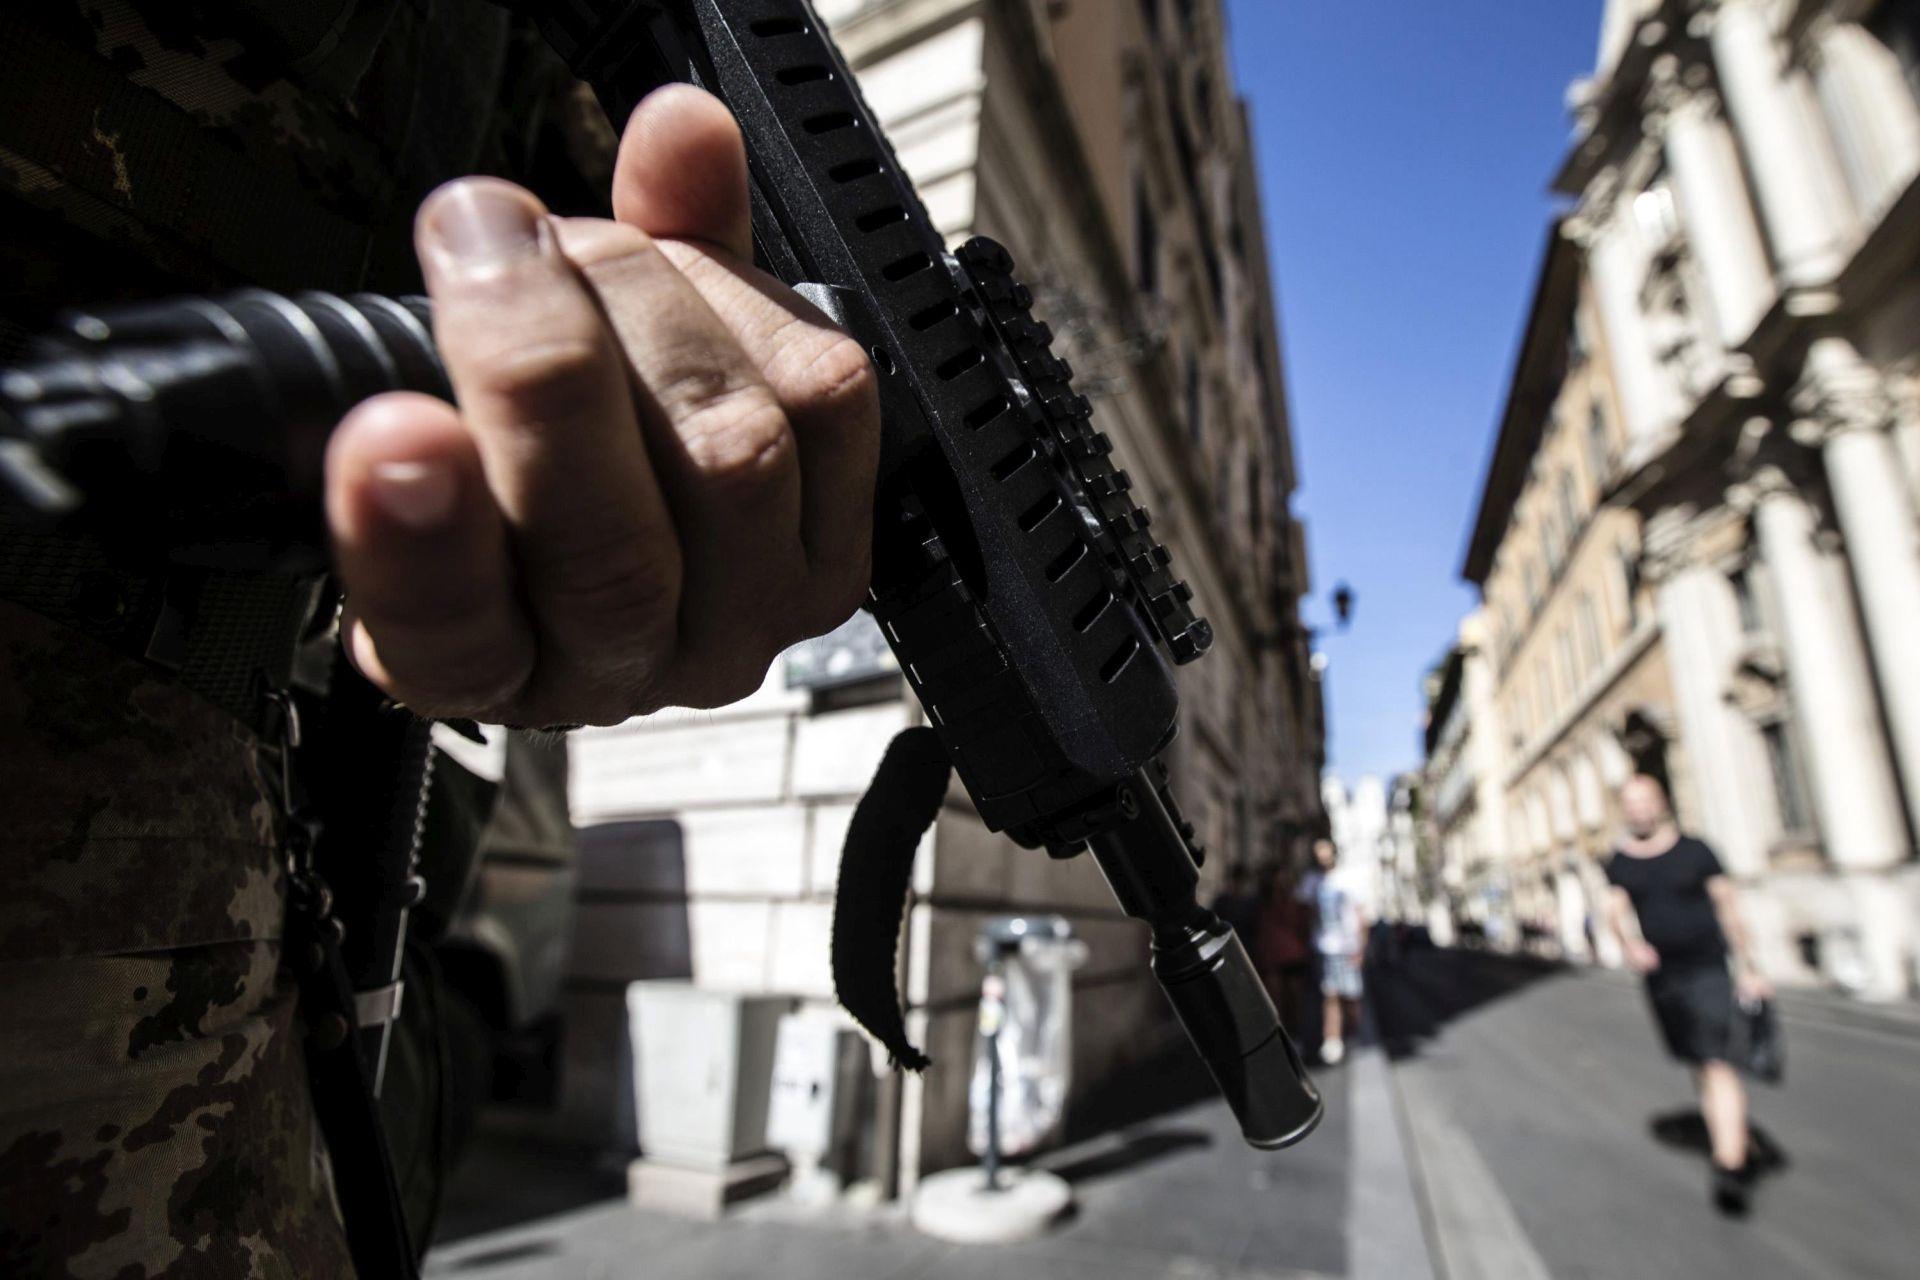 TALIJANSKA POLICIJA: Uhićeno osmero krijumčara povezanih s IS-om